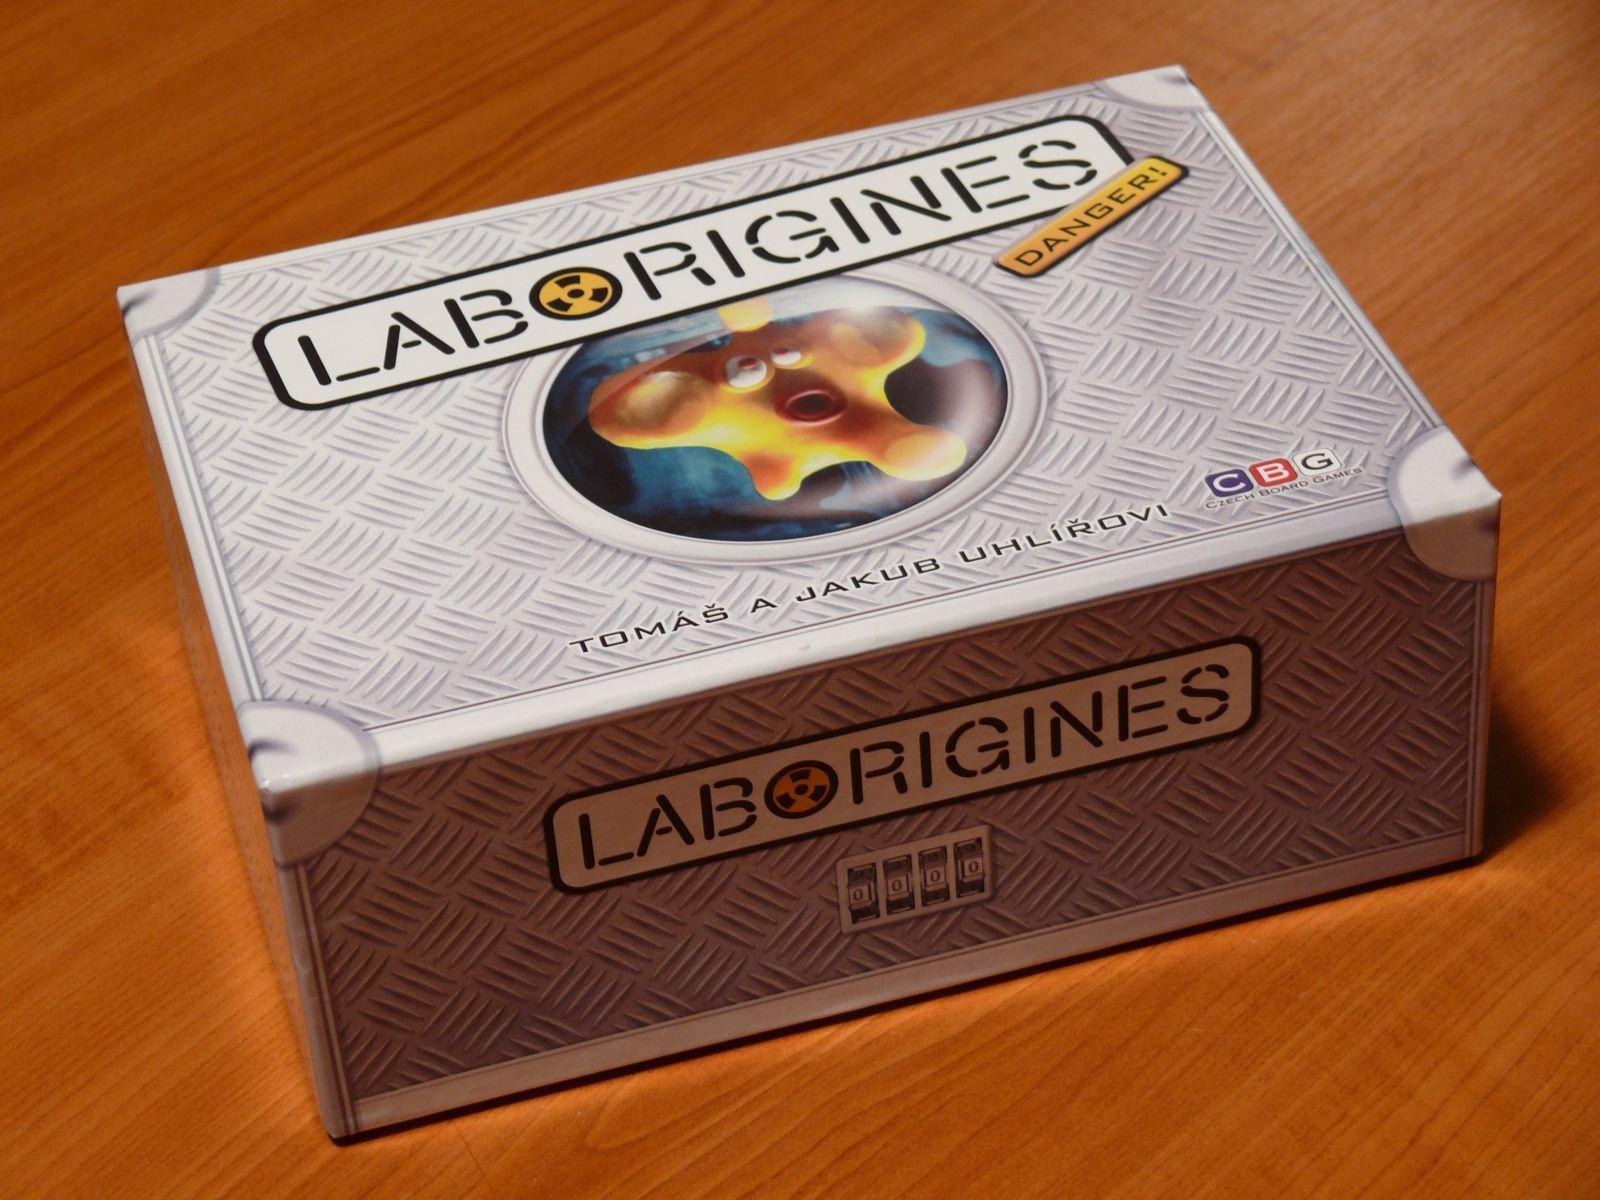 Laborigines